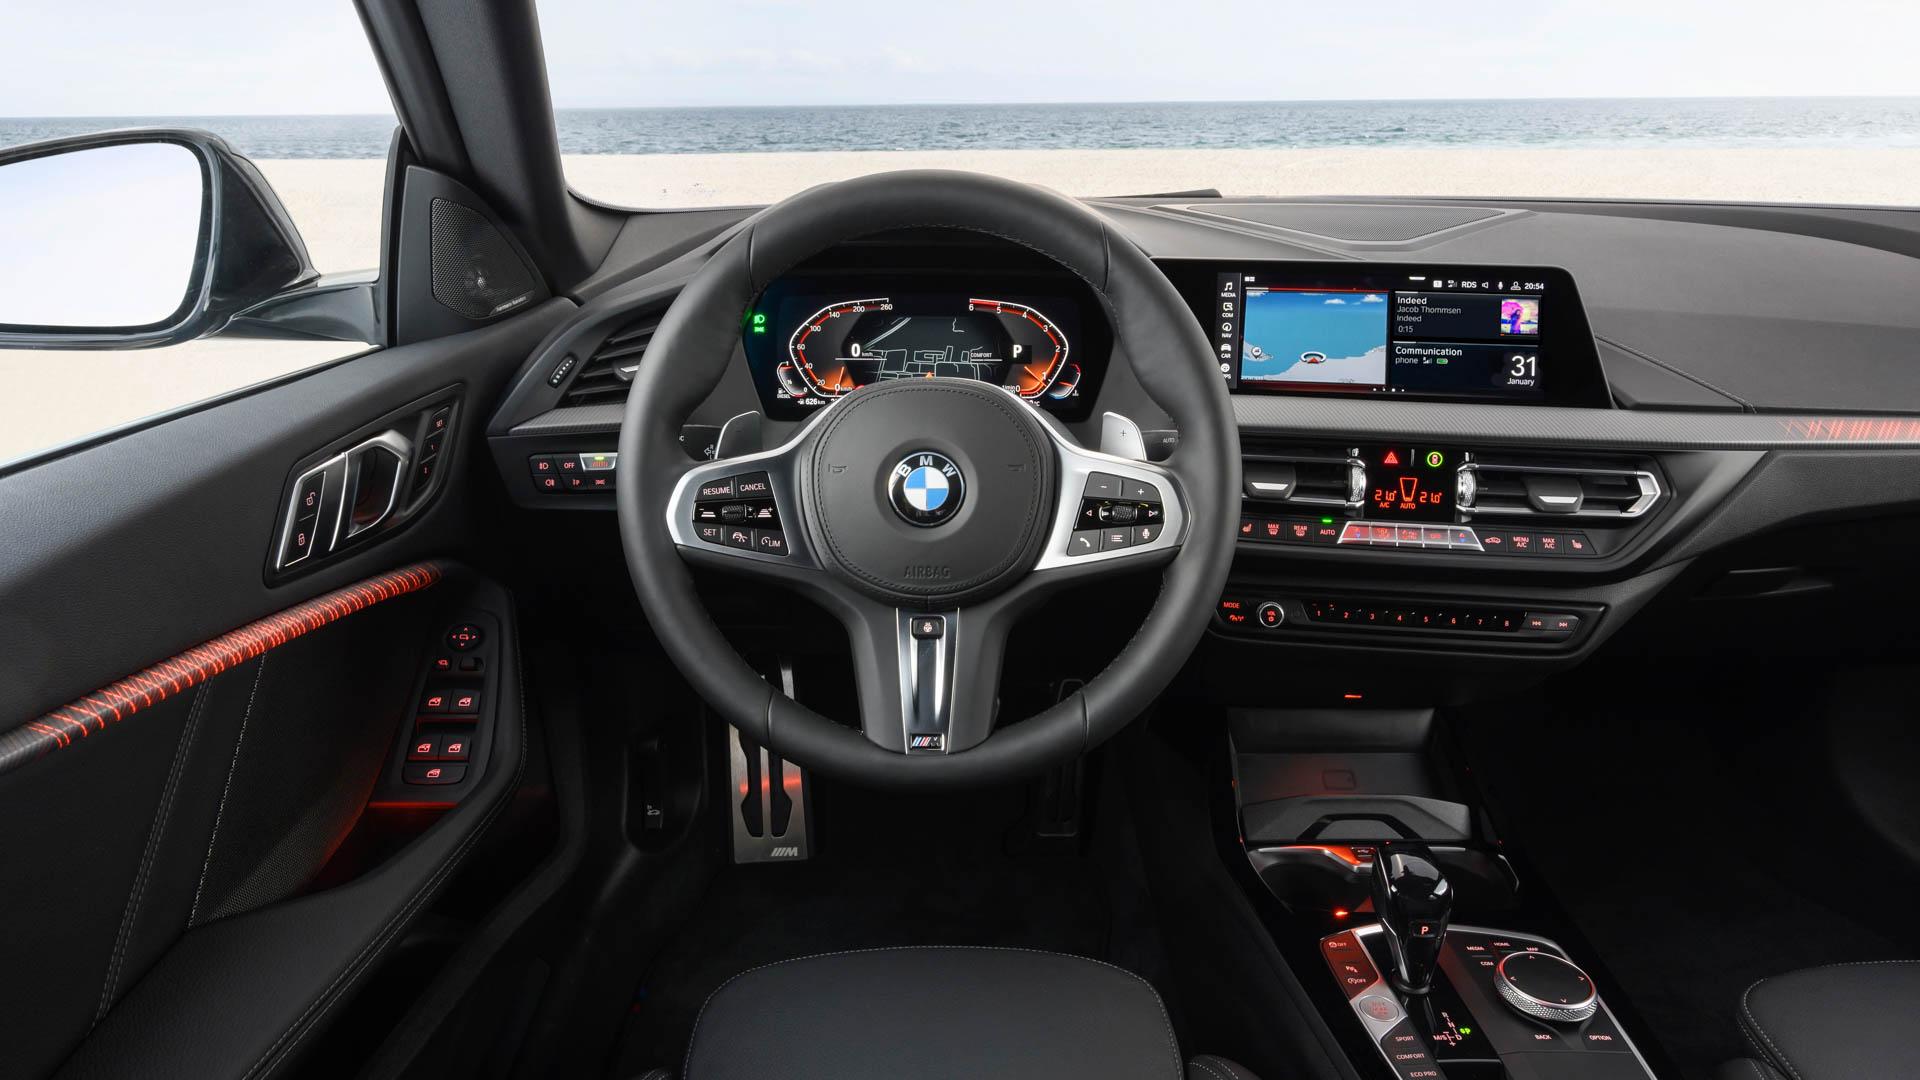 2020 Audi A3 Sedan vs BMW 2 Series Gran Coupe 8